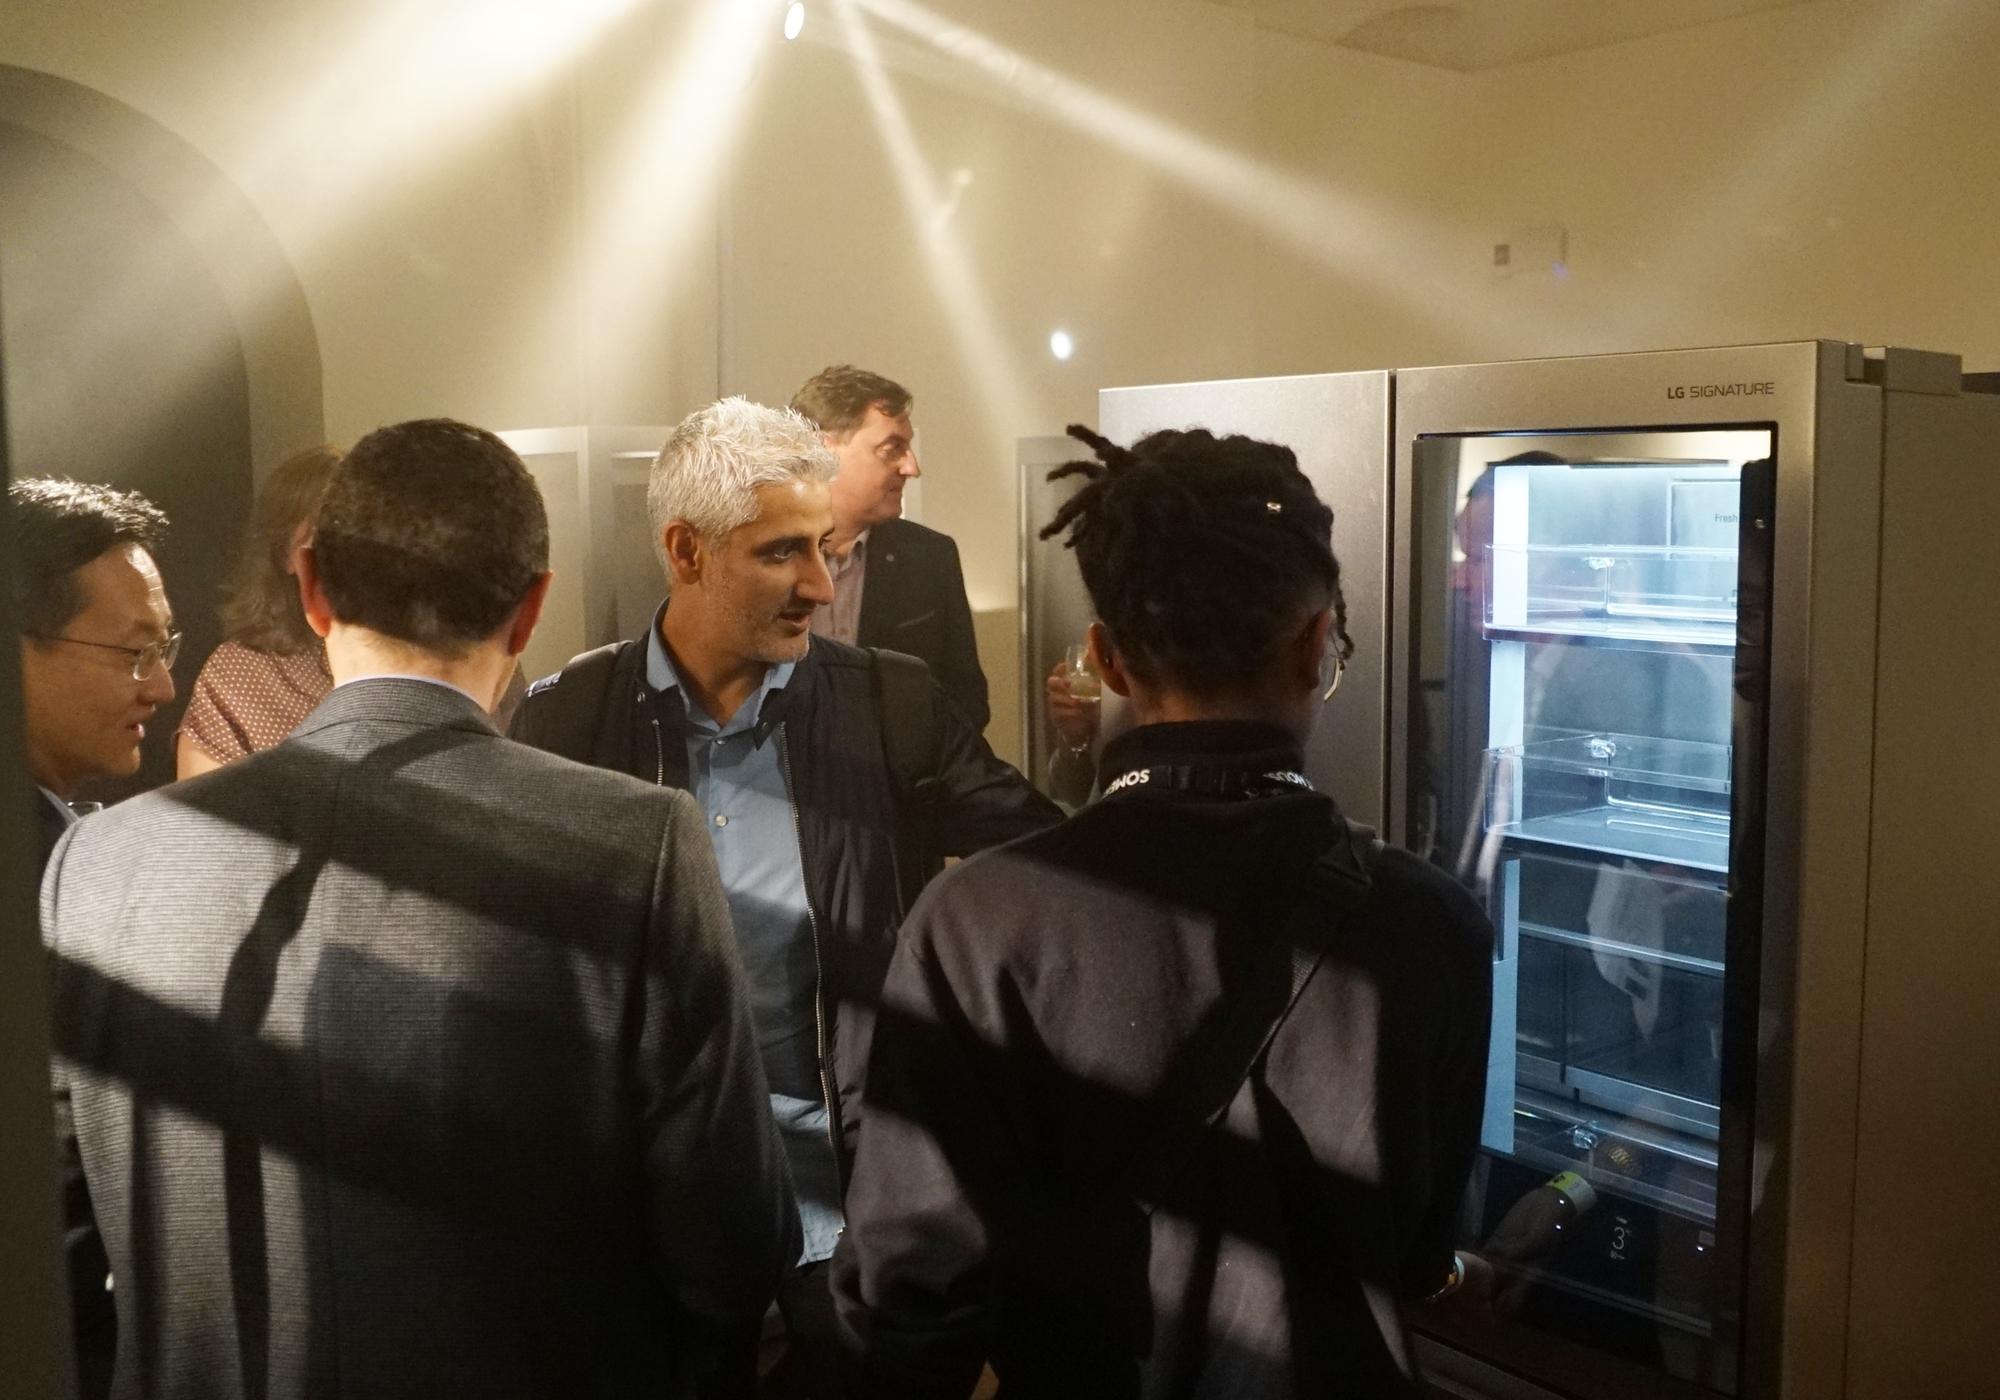 LG전자가 18일부터 4일간 英 런던에서 열리는 런던디자인페스티벌에 참가해 超프리미엄 'LG 시그니처(LG SIGNATURE)를 전시하고 있다. 참석자들이 'LG 시그니처'를 살펴보고 있다.